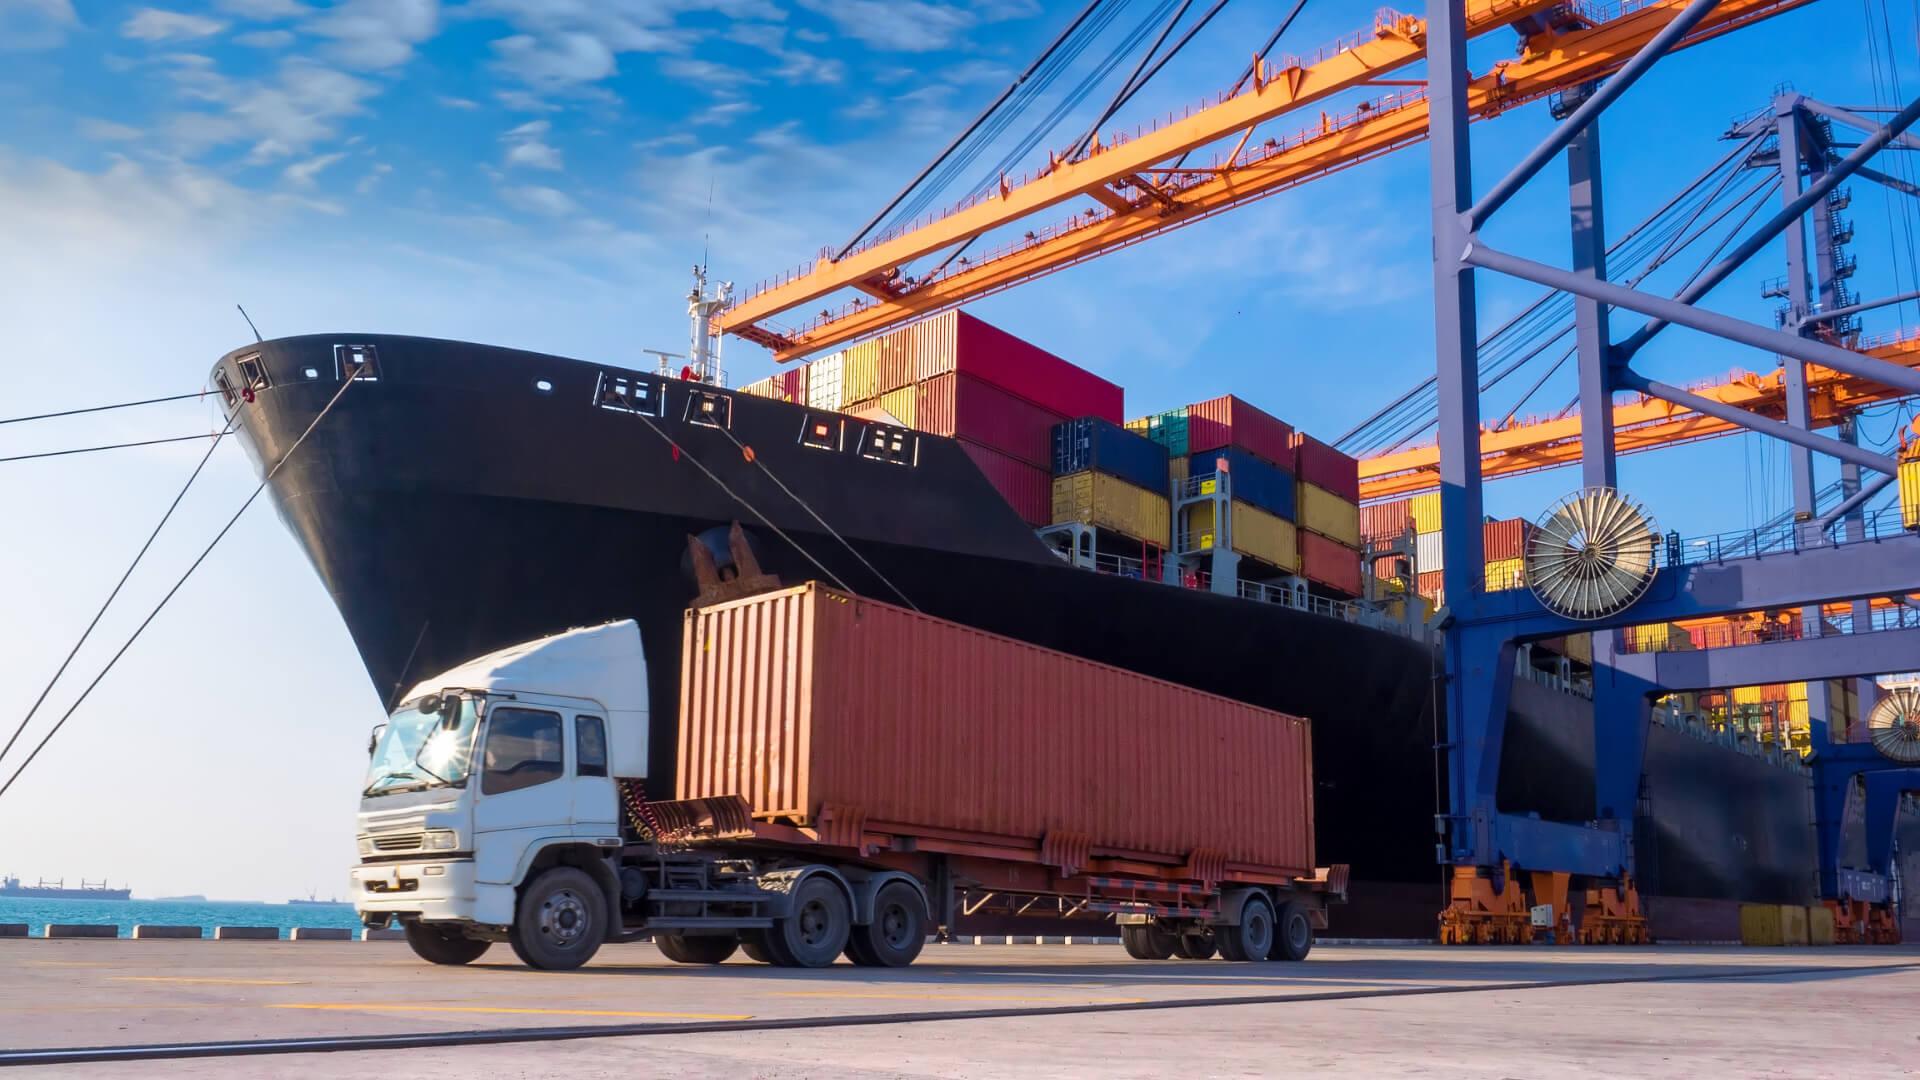 De_Rijke_Logistics_-_Transportation_truck_boat_harbor.jpg